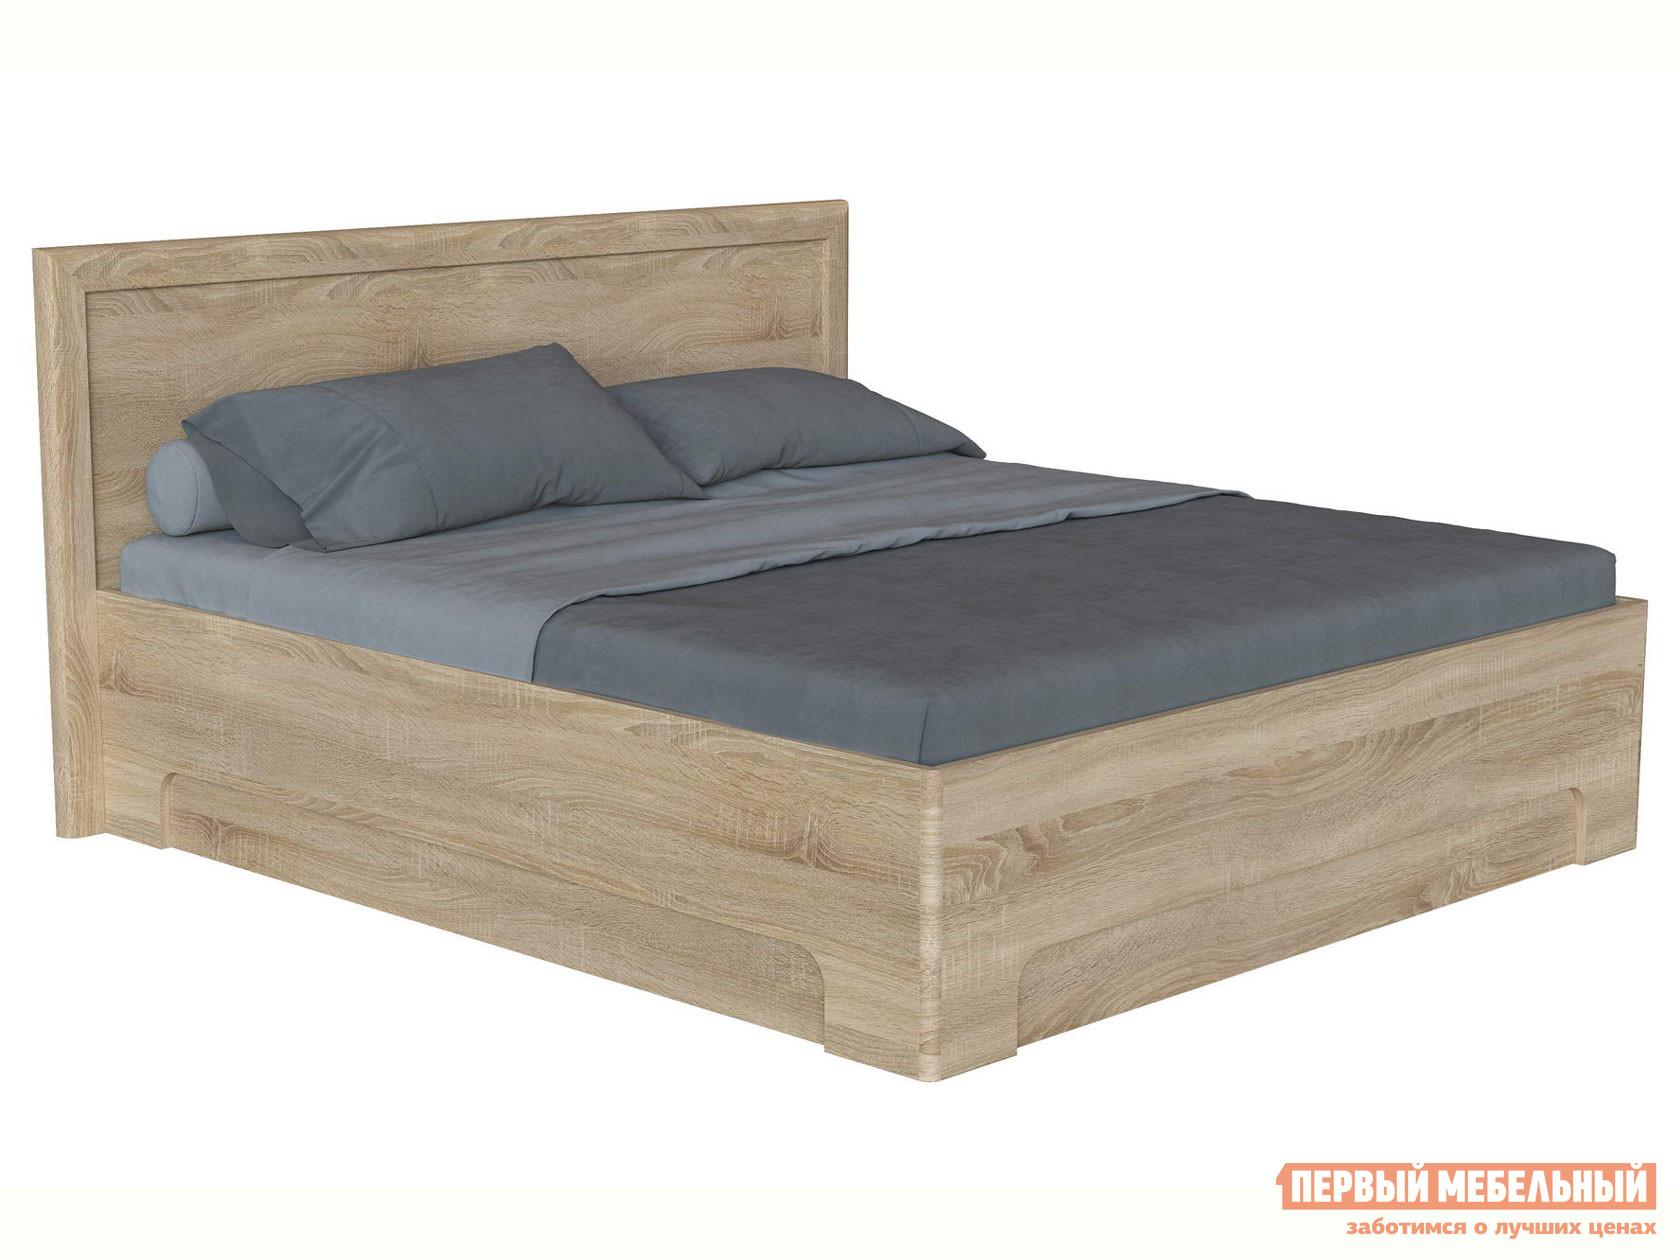 Двуспальная кровать с подъемным механизмом Первый Мебельный Вега Прованс 1 ПМ цена